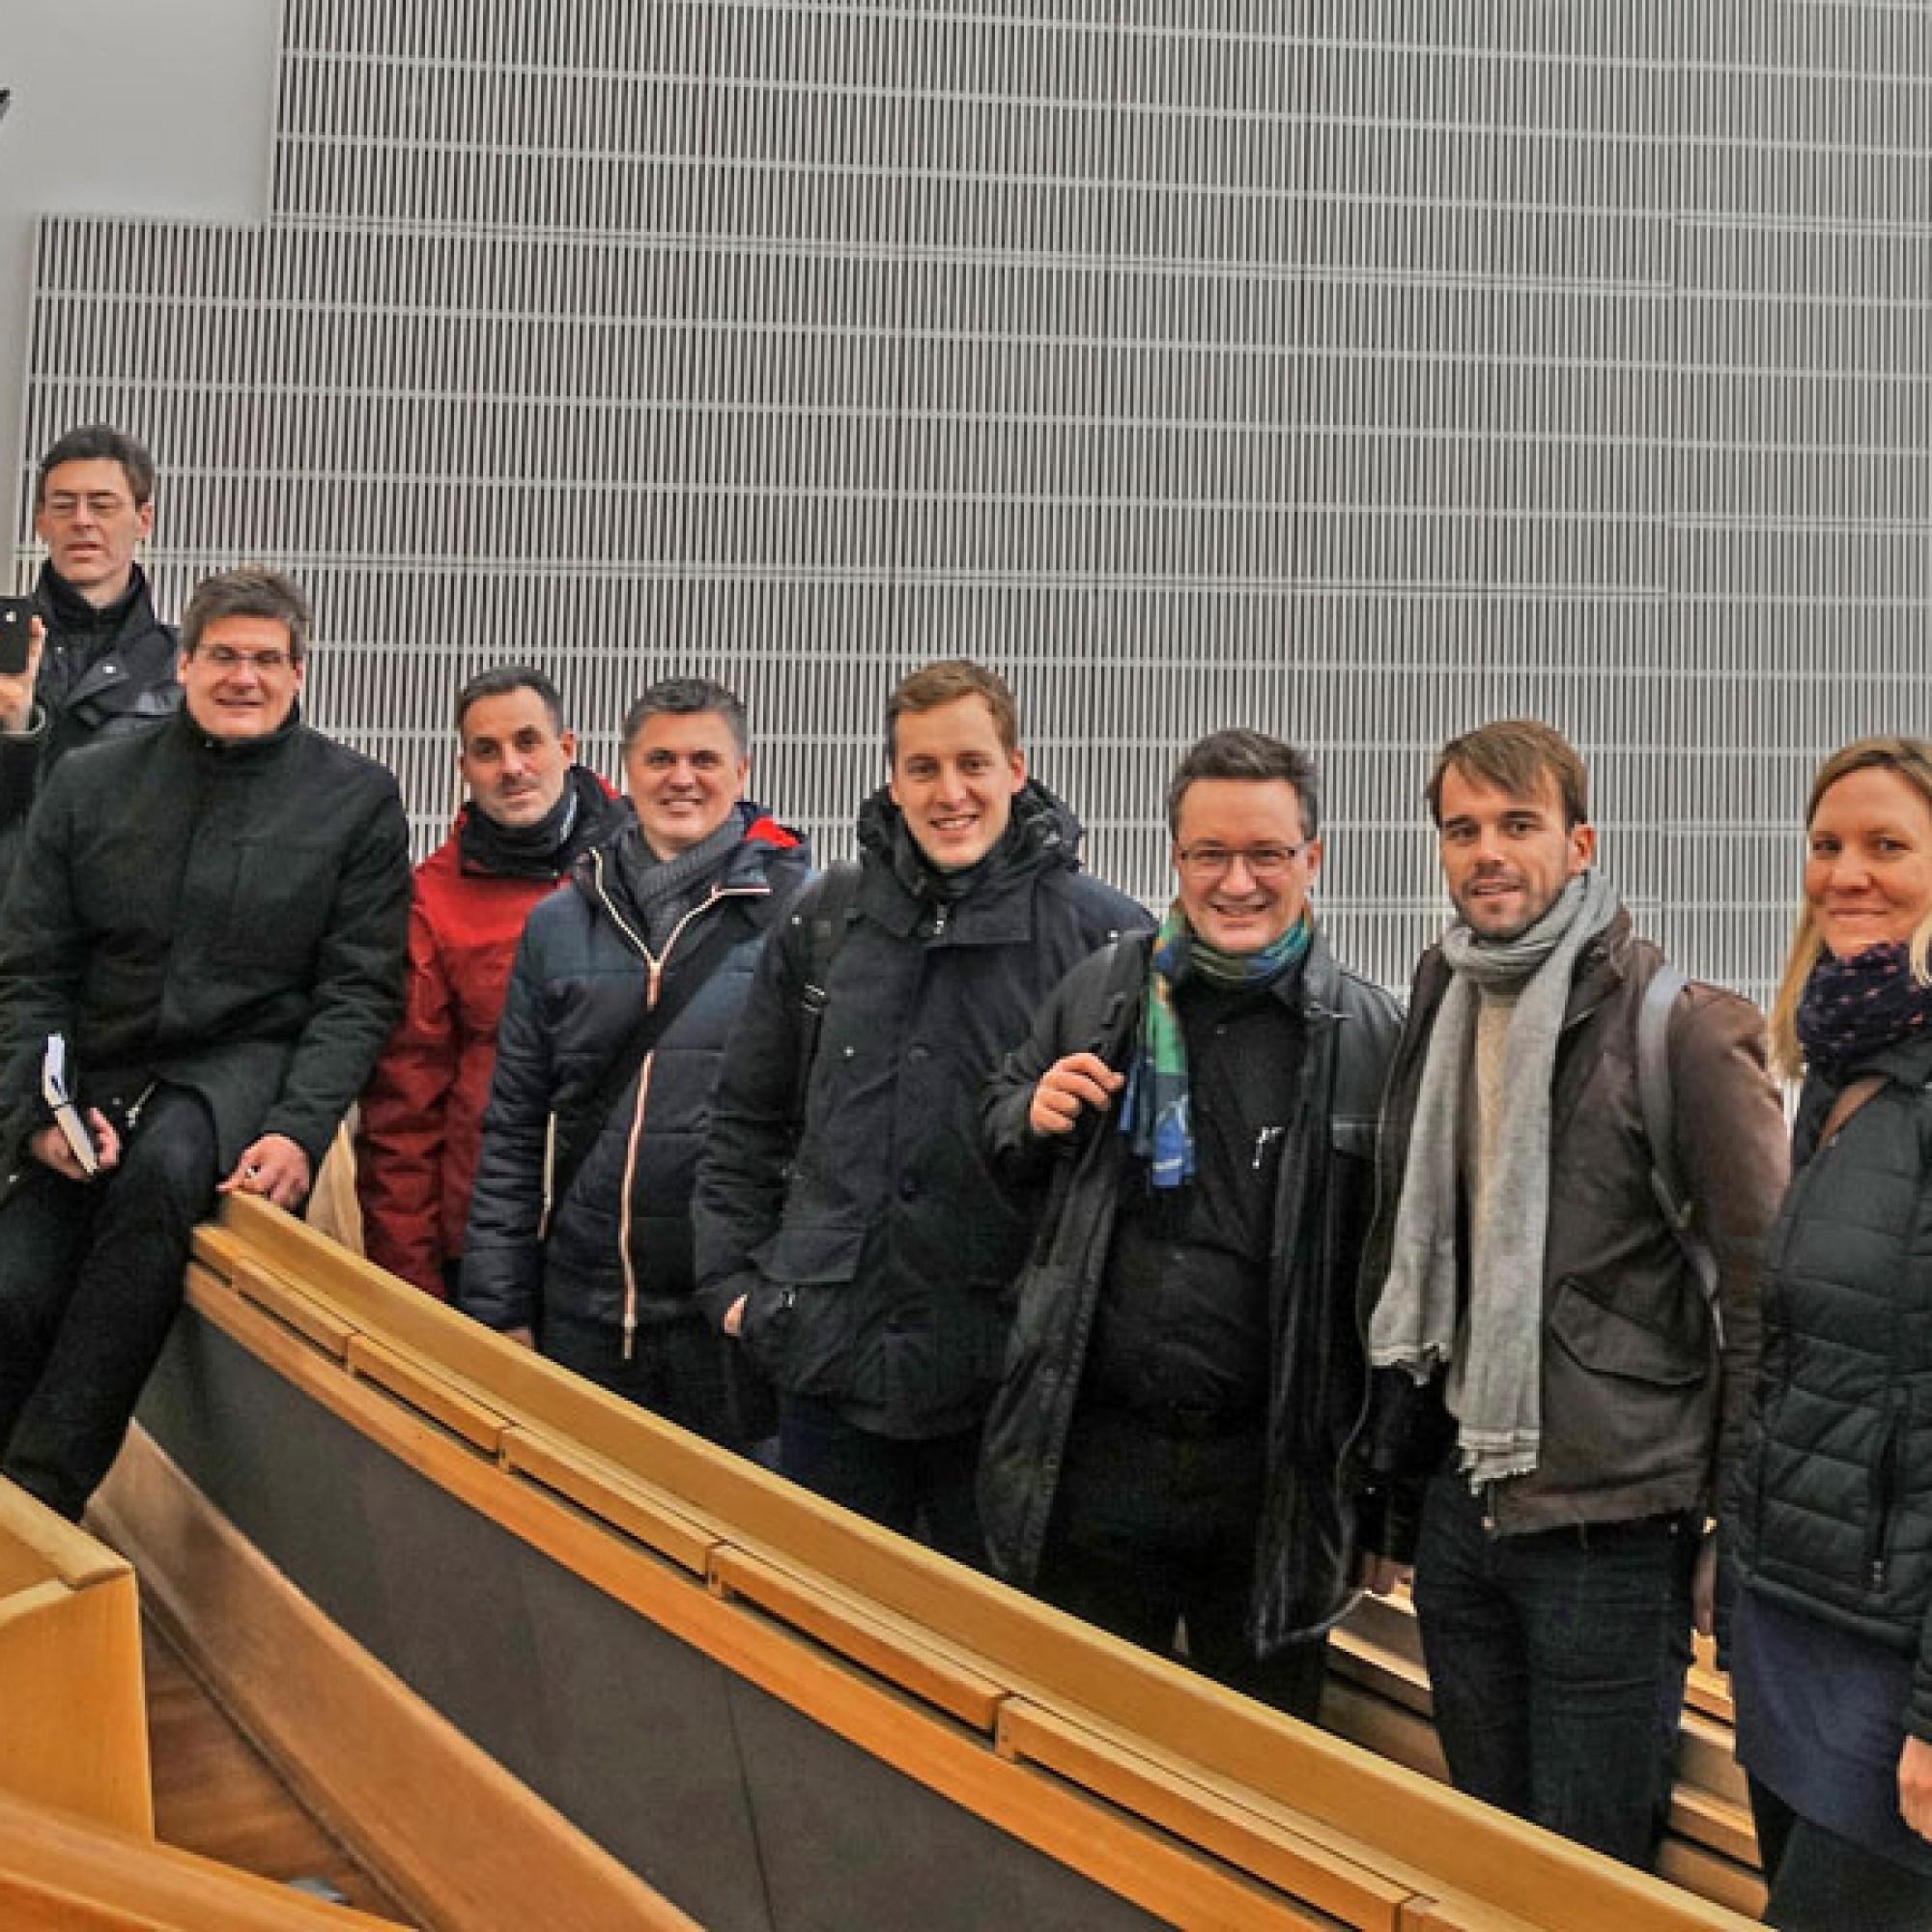 Die erfolgreichen Digital-Teilnehmer im Aalto-Auditorium in Helsinki: Jan Schlaepfer Hausdorff, Philipp Wieting Werknetz Architektur; Luca Mussio, Hoffmann-La Roche Ltd; Frank Wurow, Jordahl H-Bau AG; Thomas Koller, pzm AG; Andreas Gemperle, Rothpletz, Li